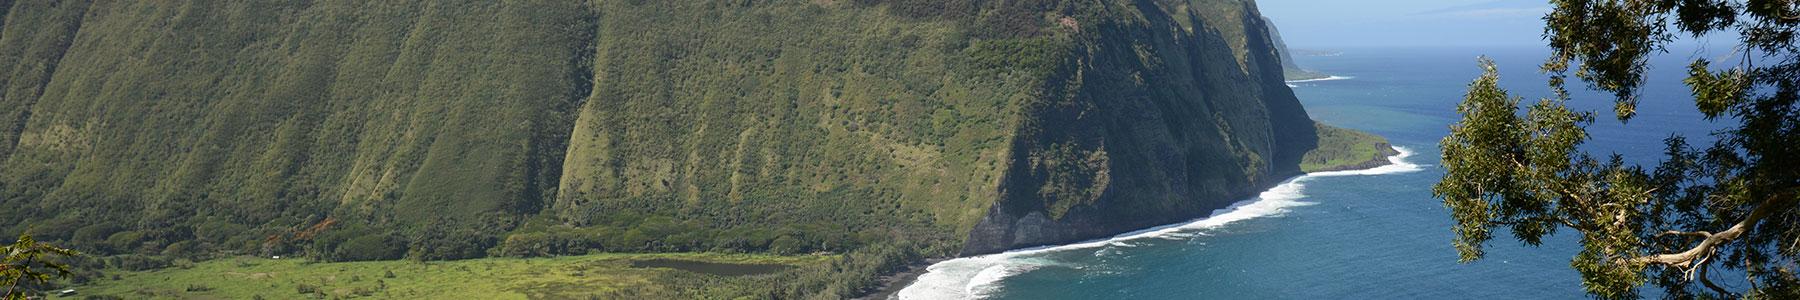 ハワイ島について タイトル画像